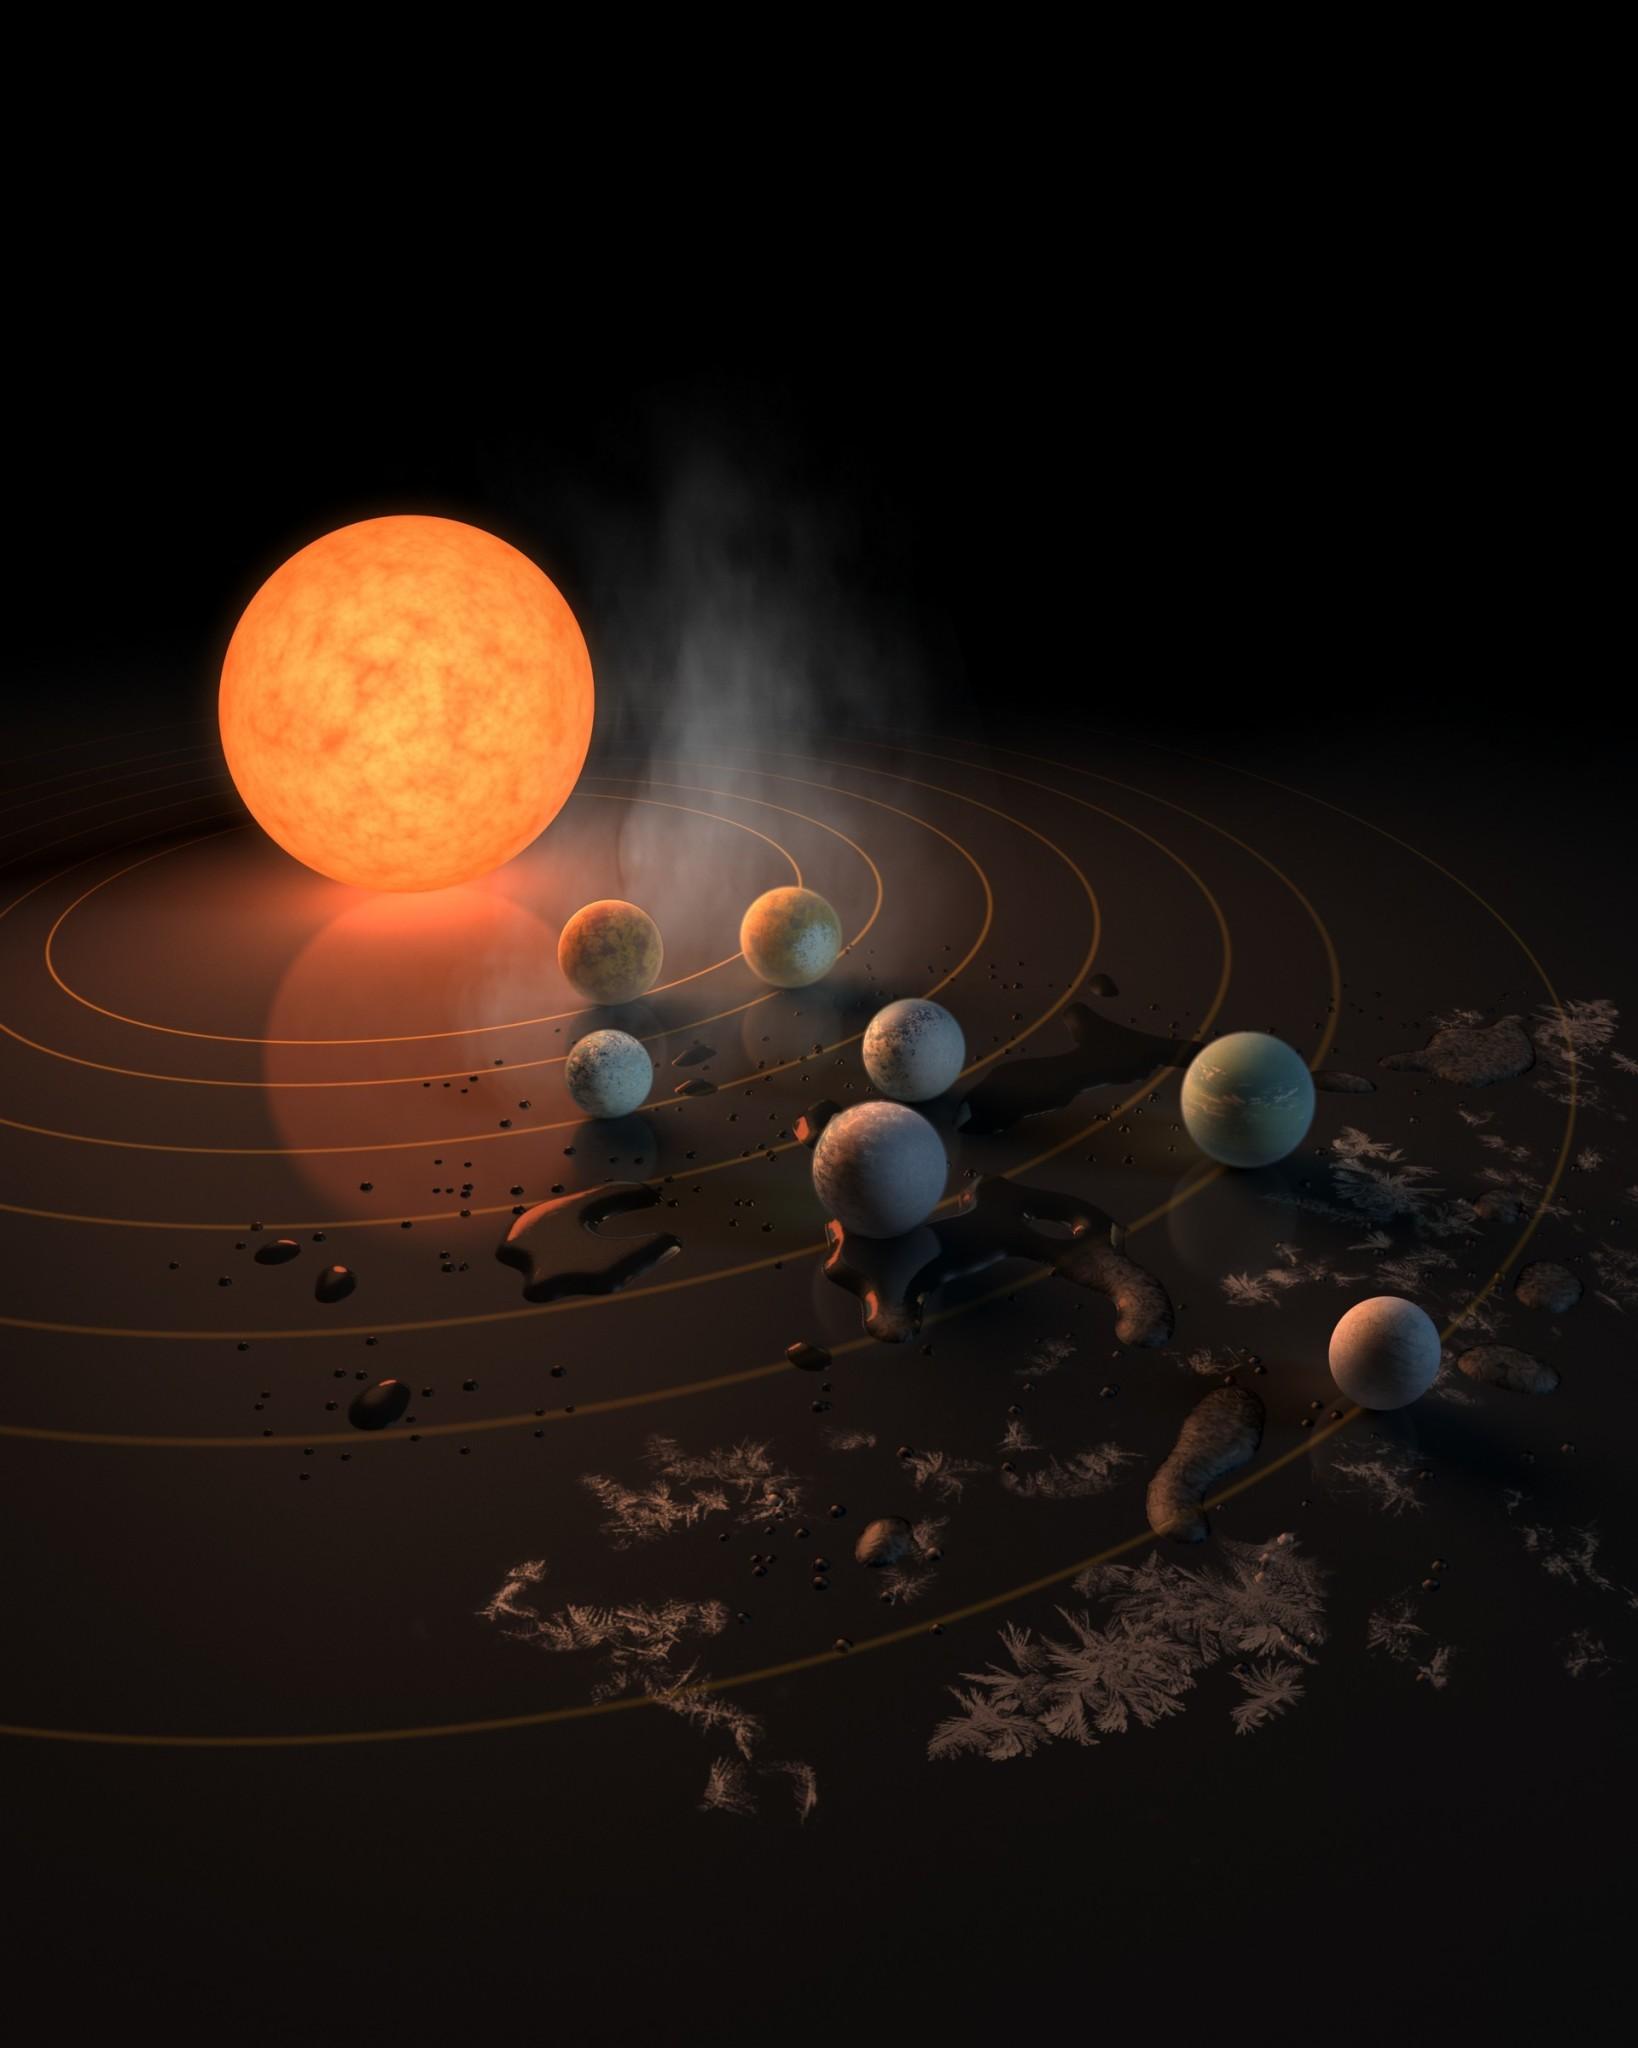 Trappist -1, scoperto un nuovo sistema planetario con 7